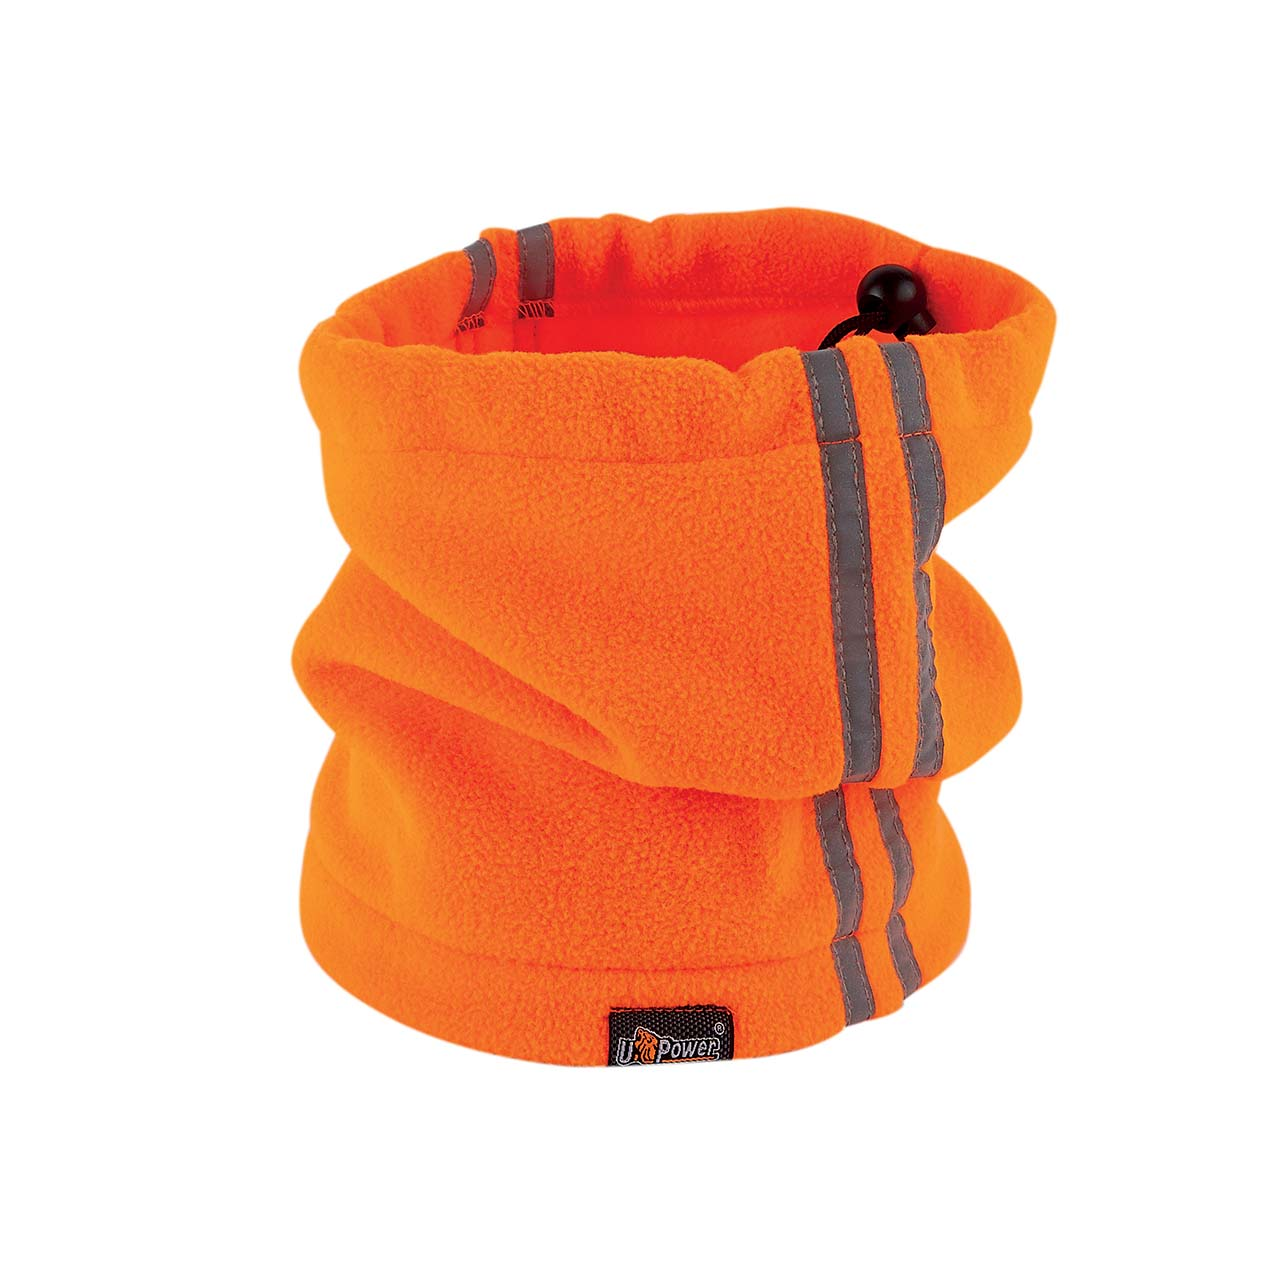 scaldacollo da lavoro upower colore orange fluo prodotto